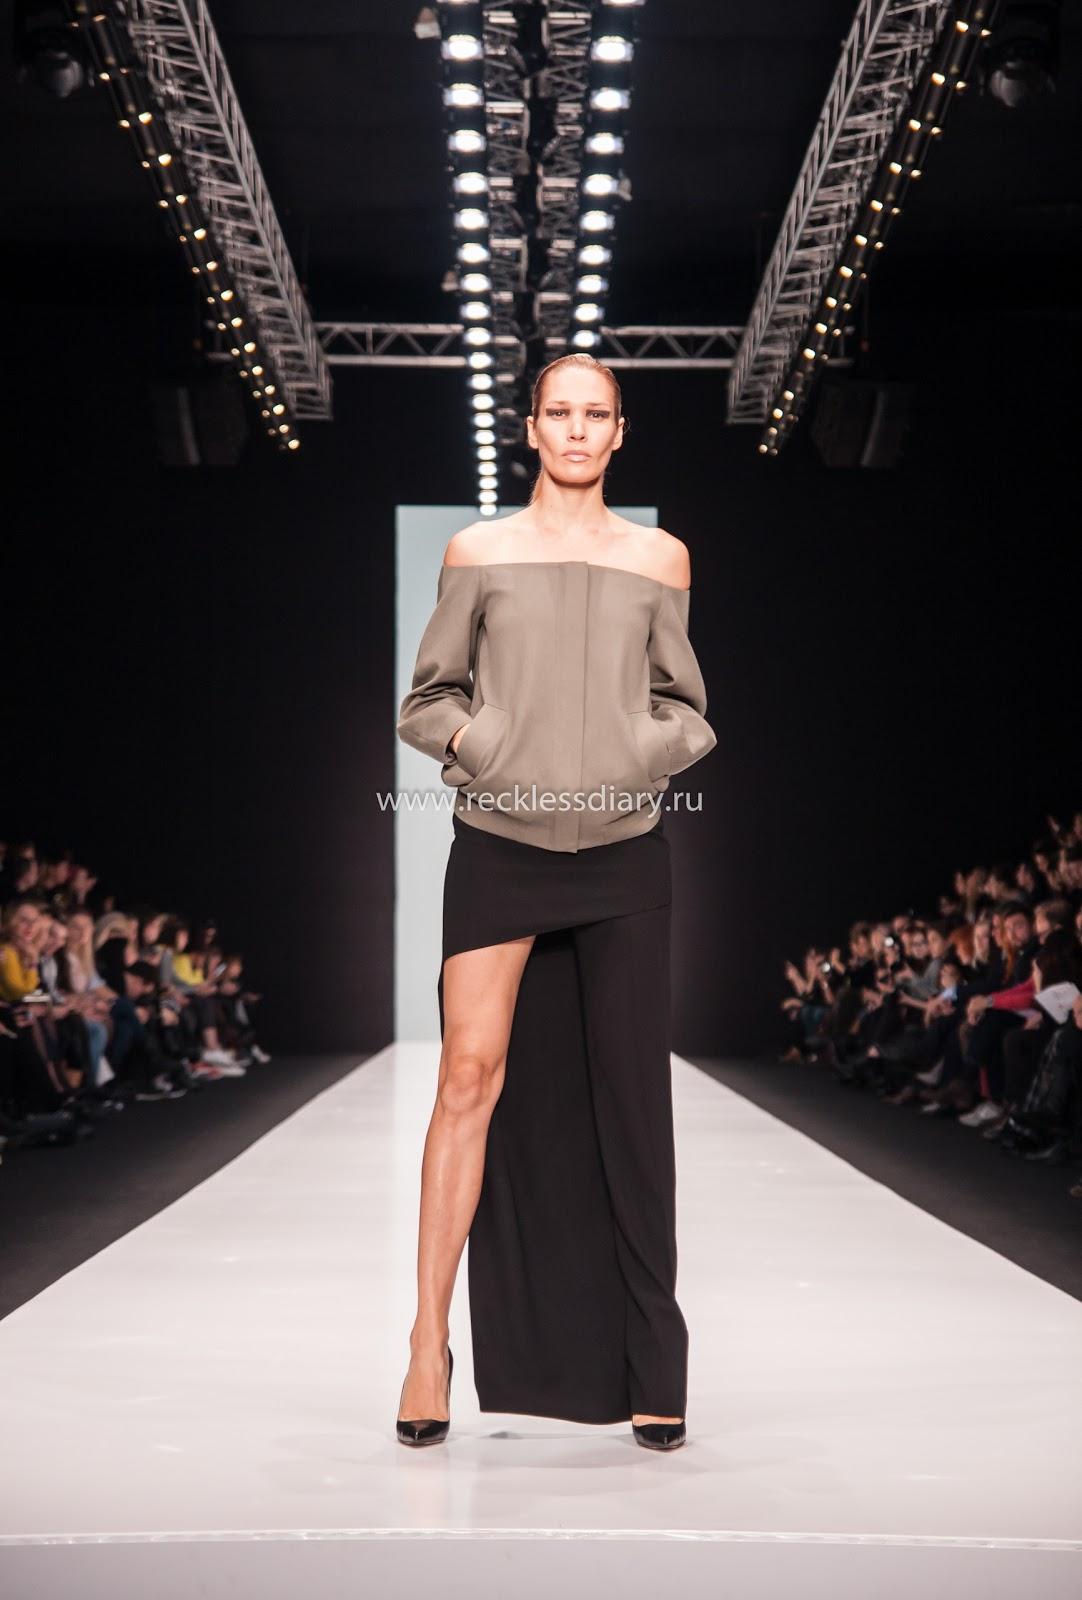 http://www.recklessdiary.ru/2016/10/pyat-samyh-interesnyh-pokazov-na-Mercedes-Benz-Fashion-Week-Russia-vesna-leto-2017.html